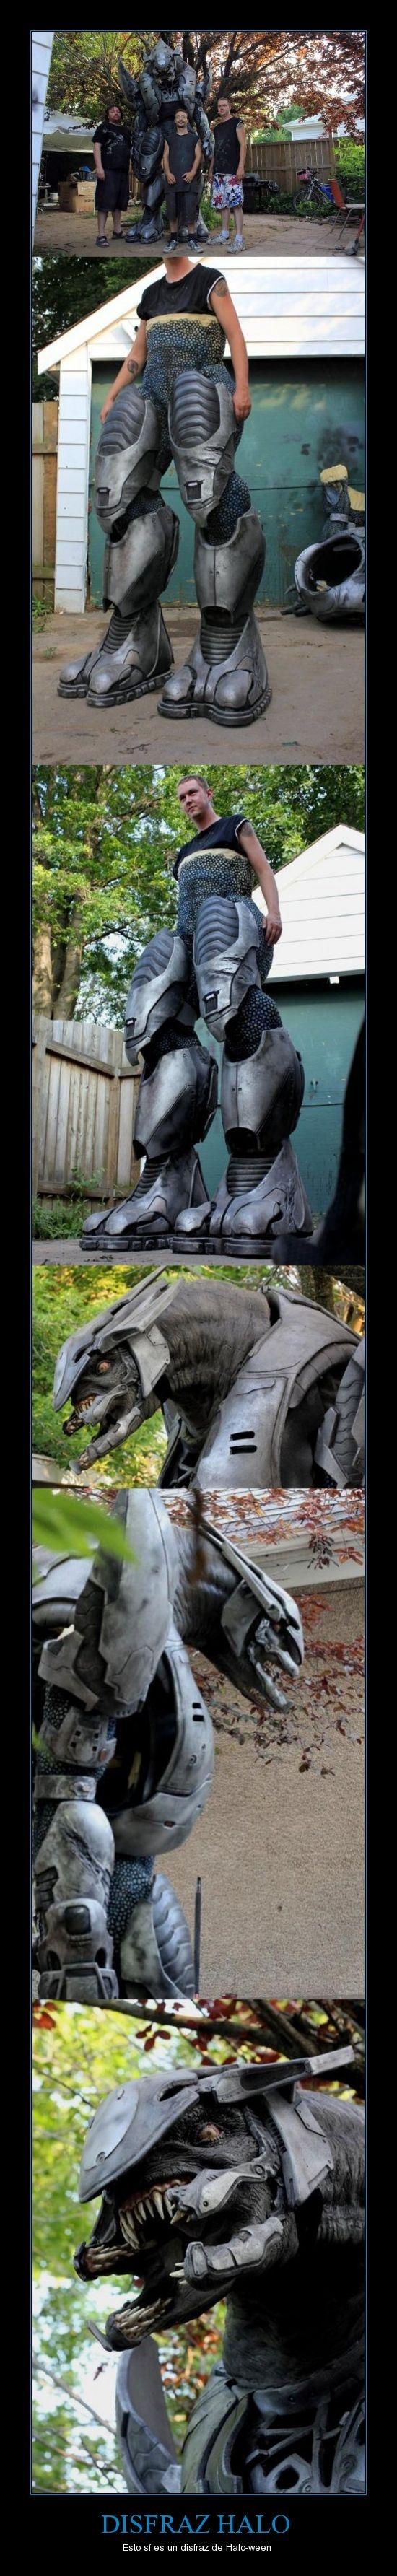 DISFRAZ HALO - Esto sí es un disfraz de Halo-ween